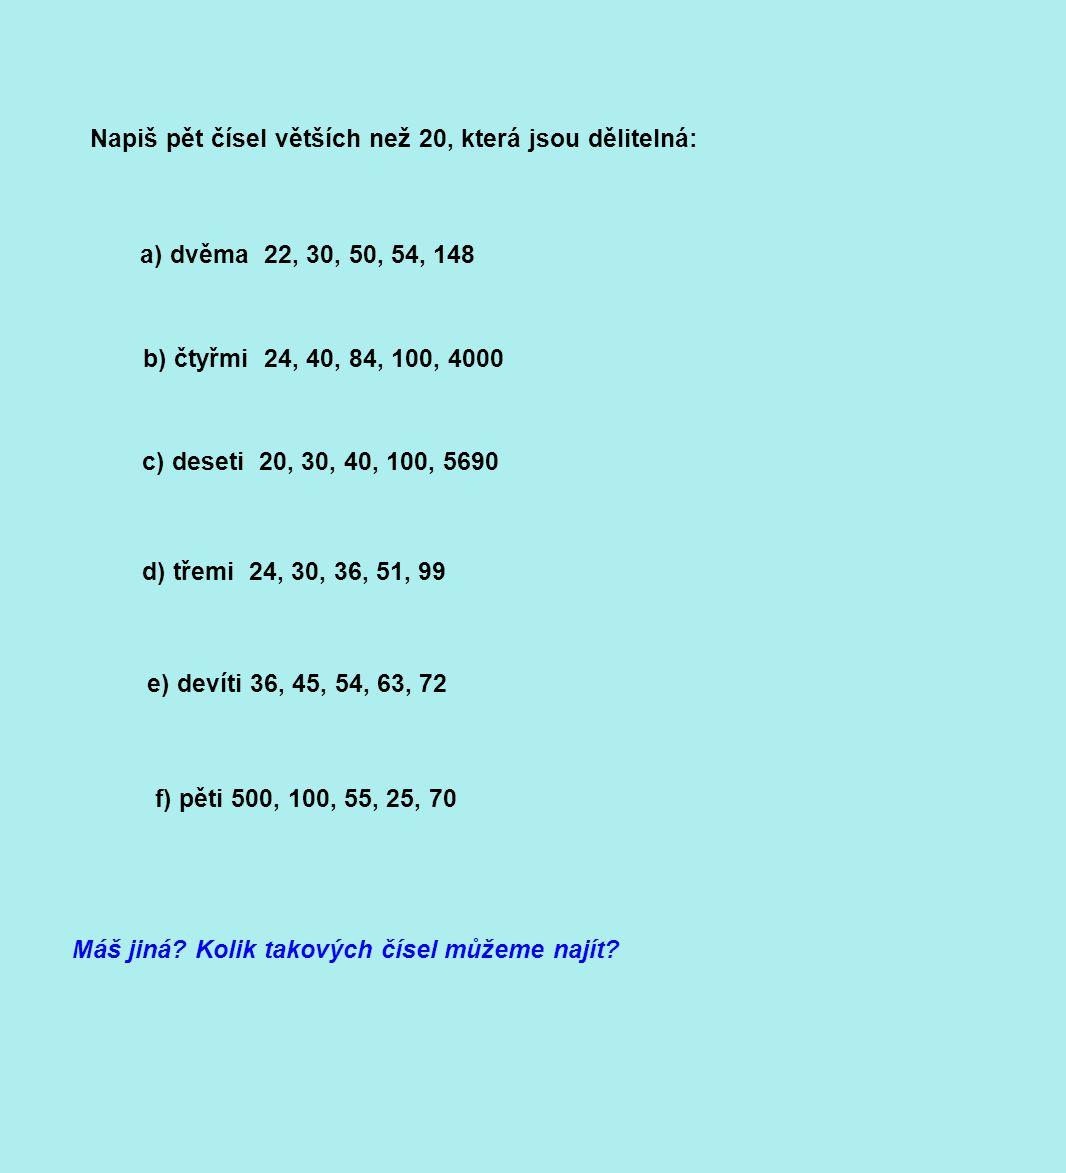 Napiš pět čísel větších než 20, která jsou dělitelná: a) dvěma 22, 30, 50, 54, 148 b) čtyřmi 24, 40, 84, 100, 4000 c) deseti 20, 30, 40, 100, 5690 d) třemi 24, 30, 36, 51, 99 e) devíti 36, 45, 54, 63, 72 f) pěti 500, 100, 55, 25, 70 Máš jiná.